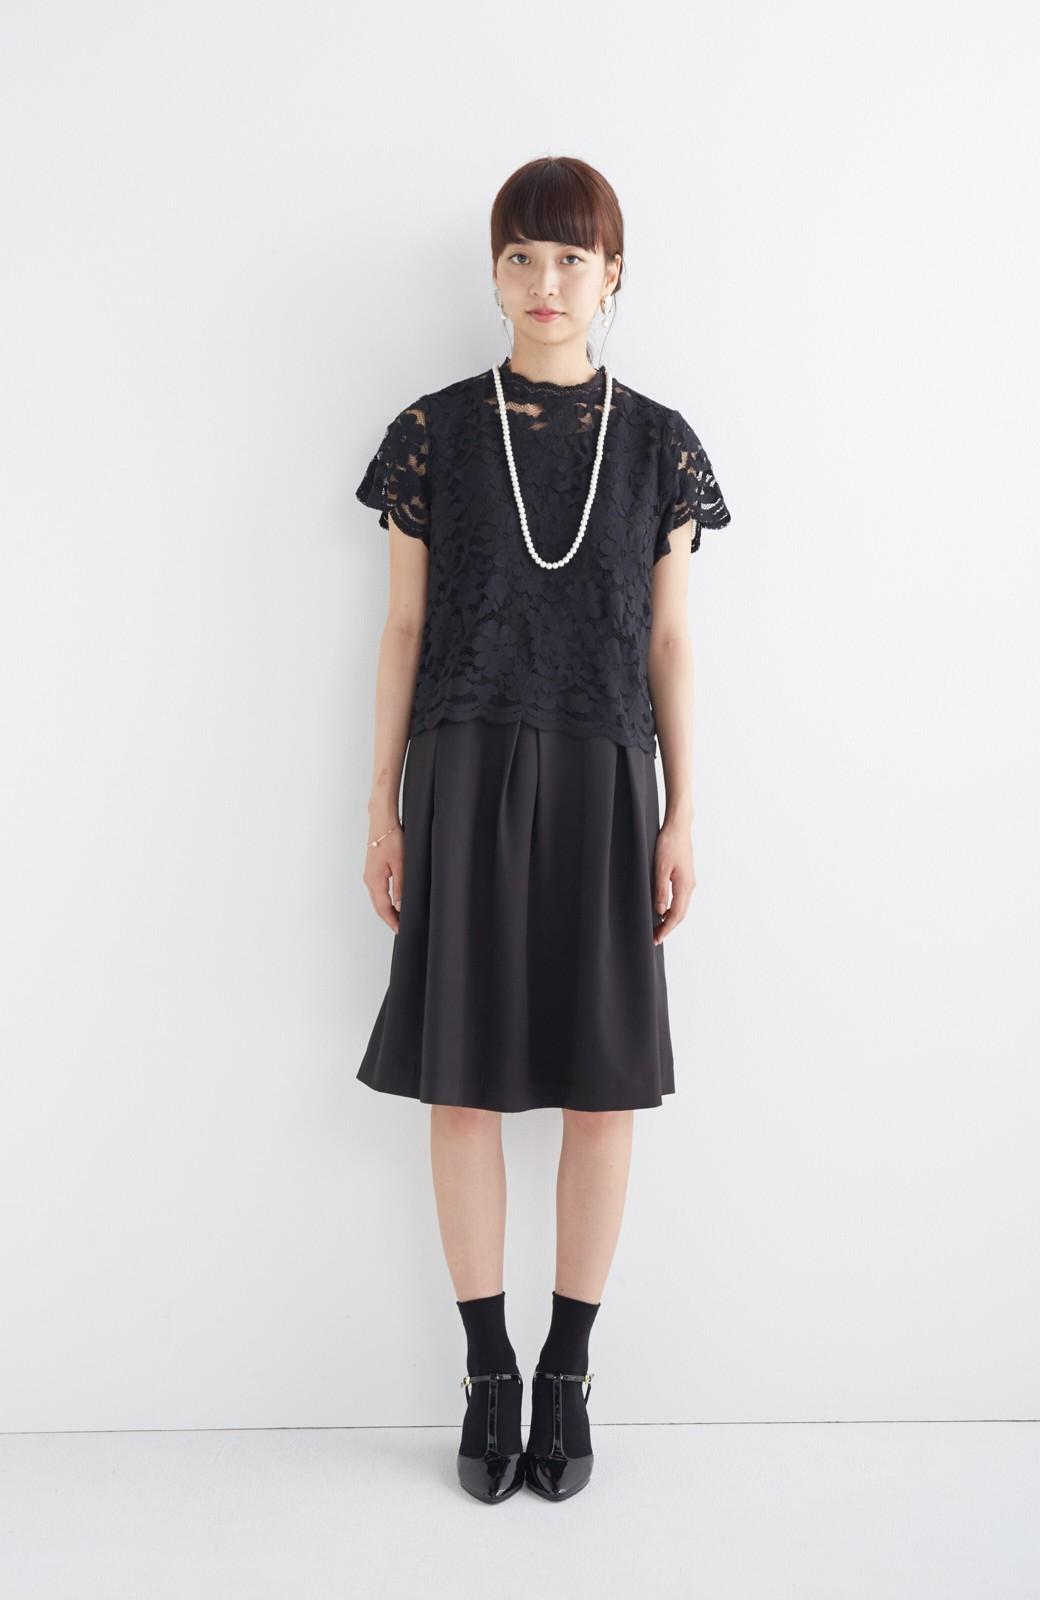 SHE THROUGH SEA おでかけの日に大切に履きたい、Tストラップパンプス <ブラック>の商品写真12